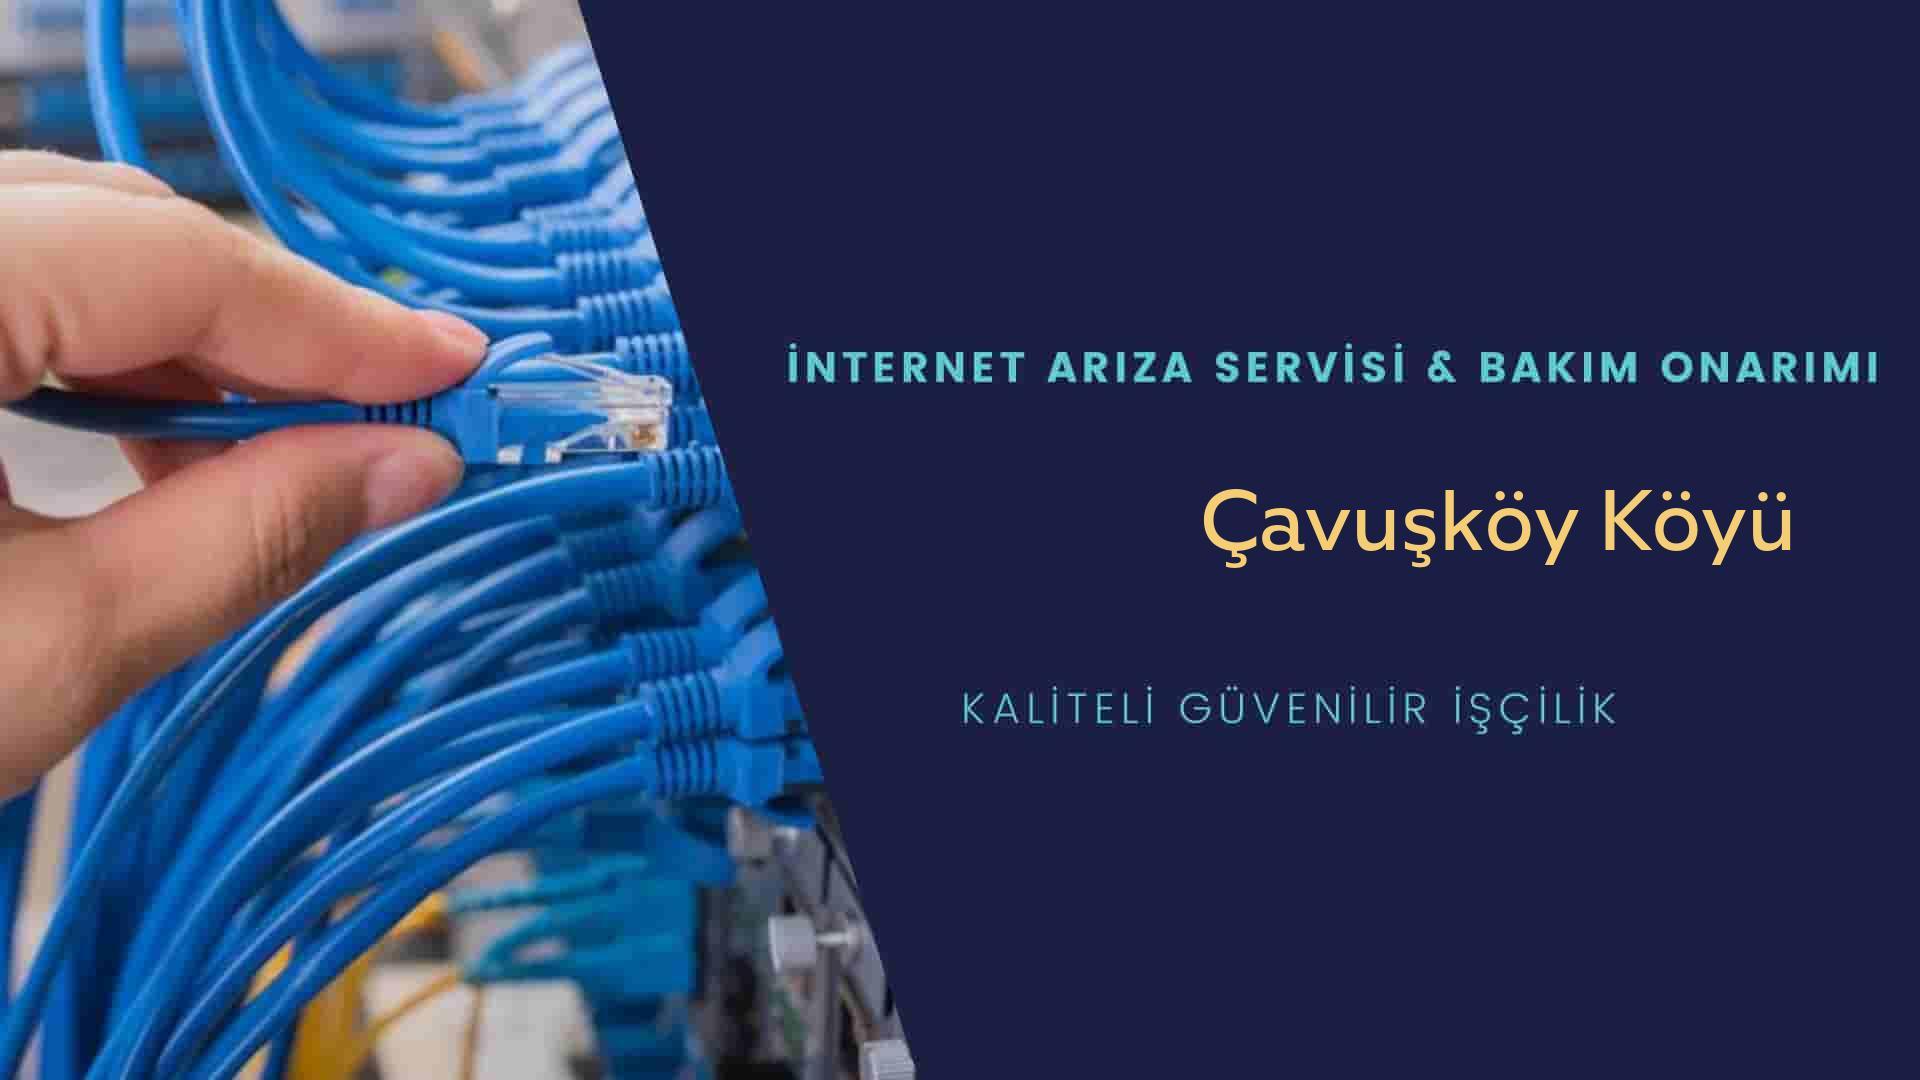 Çavuşköy Köyü internet kablosu çekimi yapan yerler veya elektrikçiler mi? arıyorsunuz doğru yerdesiniz o zaman sizlere 7/24 yardımcı olacak profesyonel ustalarımız bir telefon kadar yakındır size.